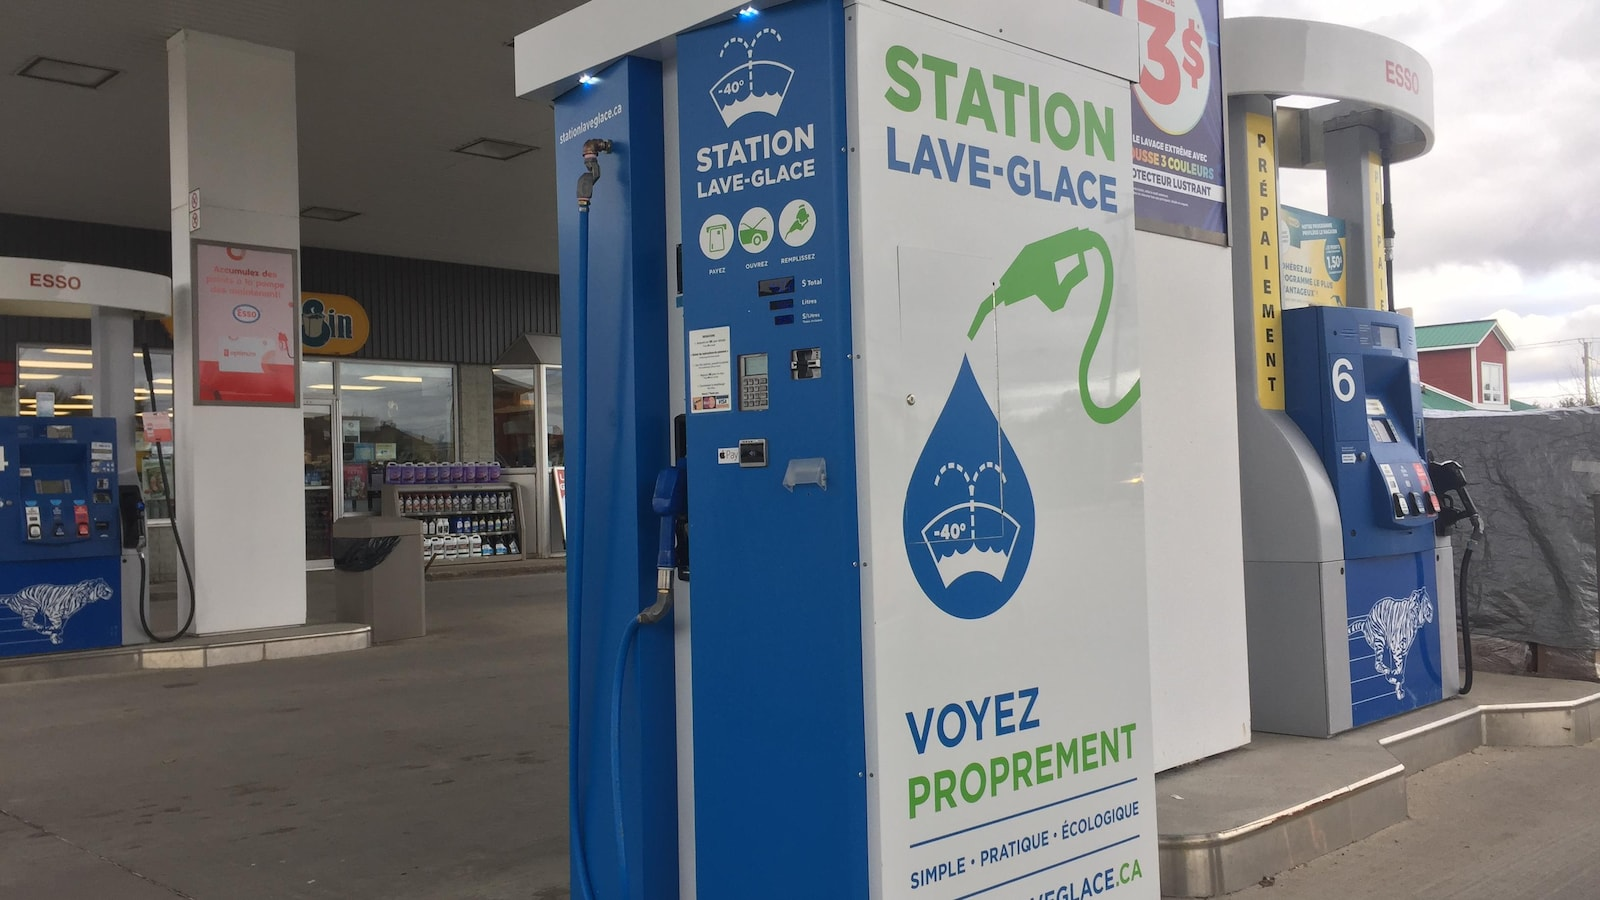 À côté d'une pompe à essence, une pompe à lave-glace qui utilise sensiblement le même procédé pour distribuer du lave-glace aux clients.